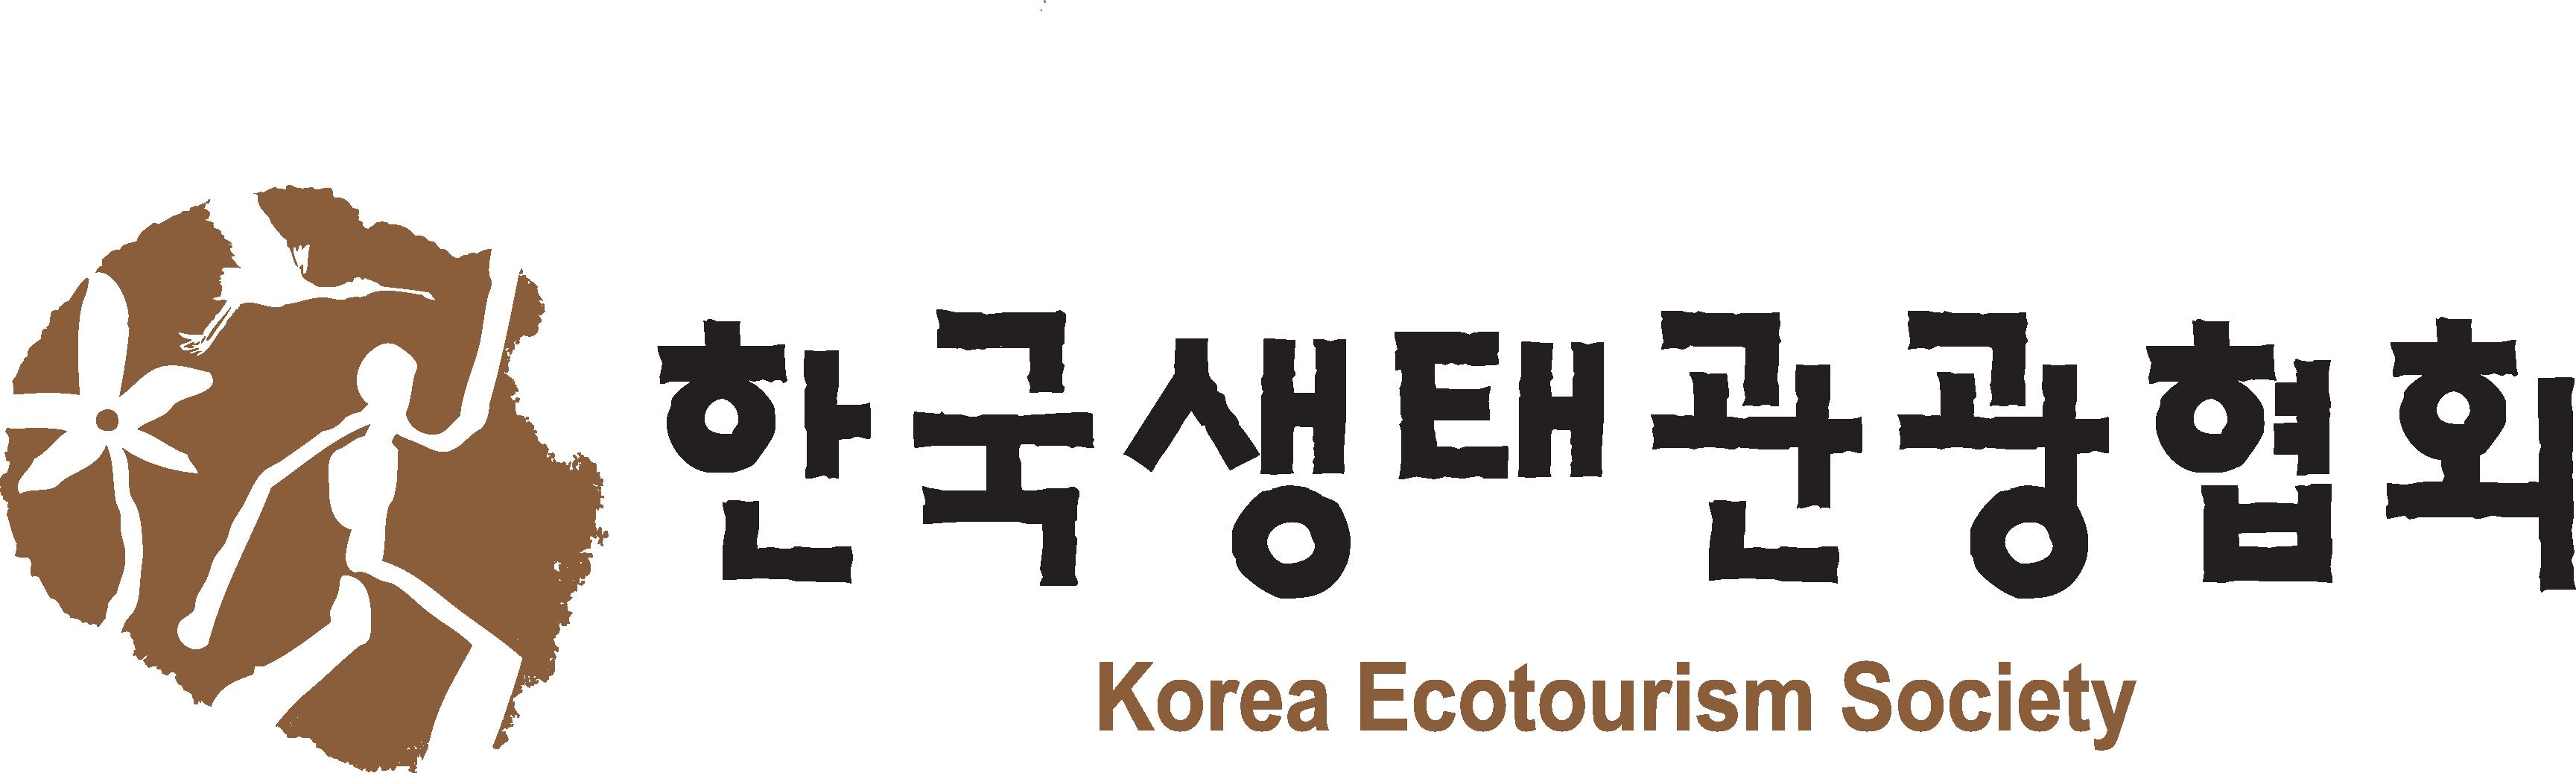 (사)한국생태관광협회의 기업로고